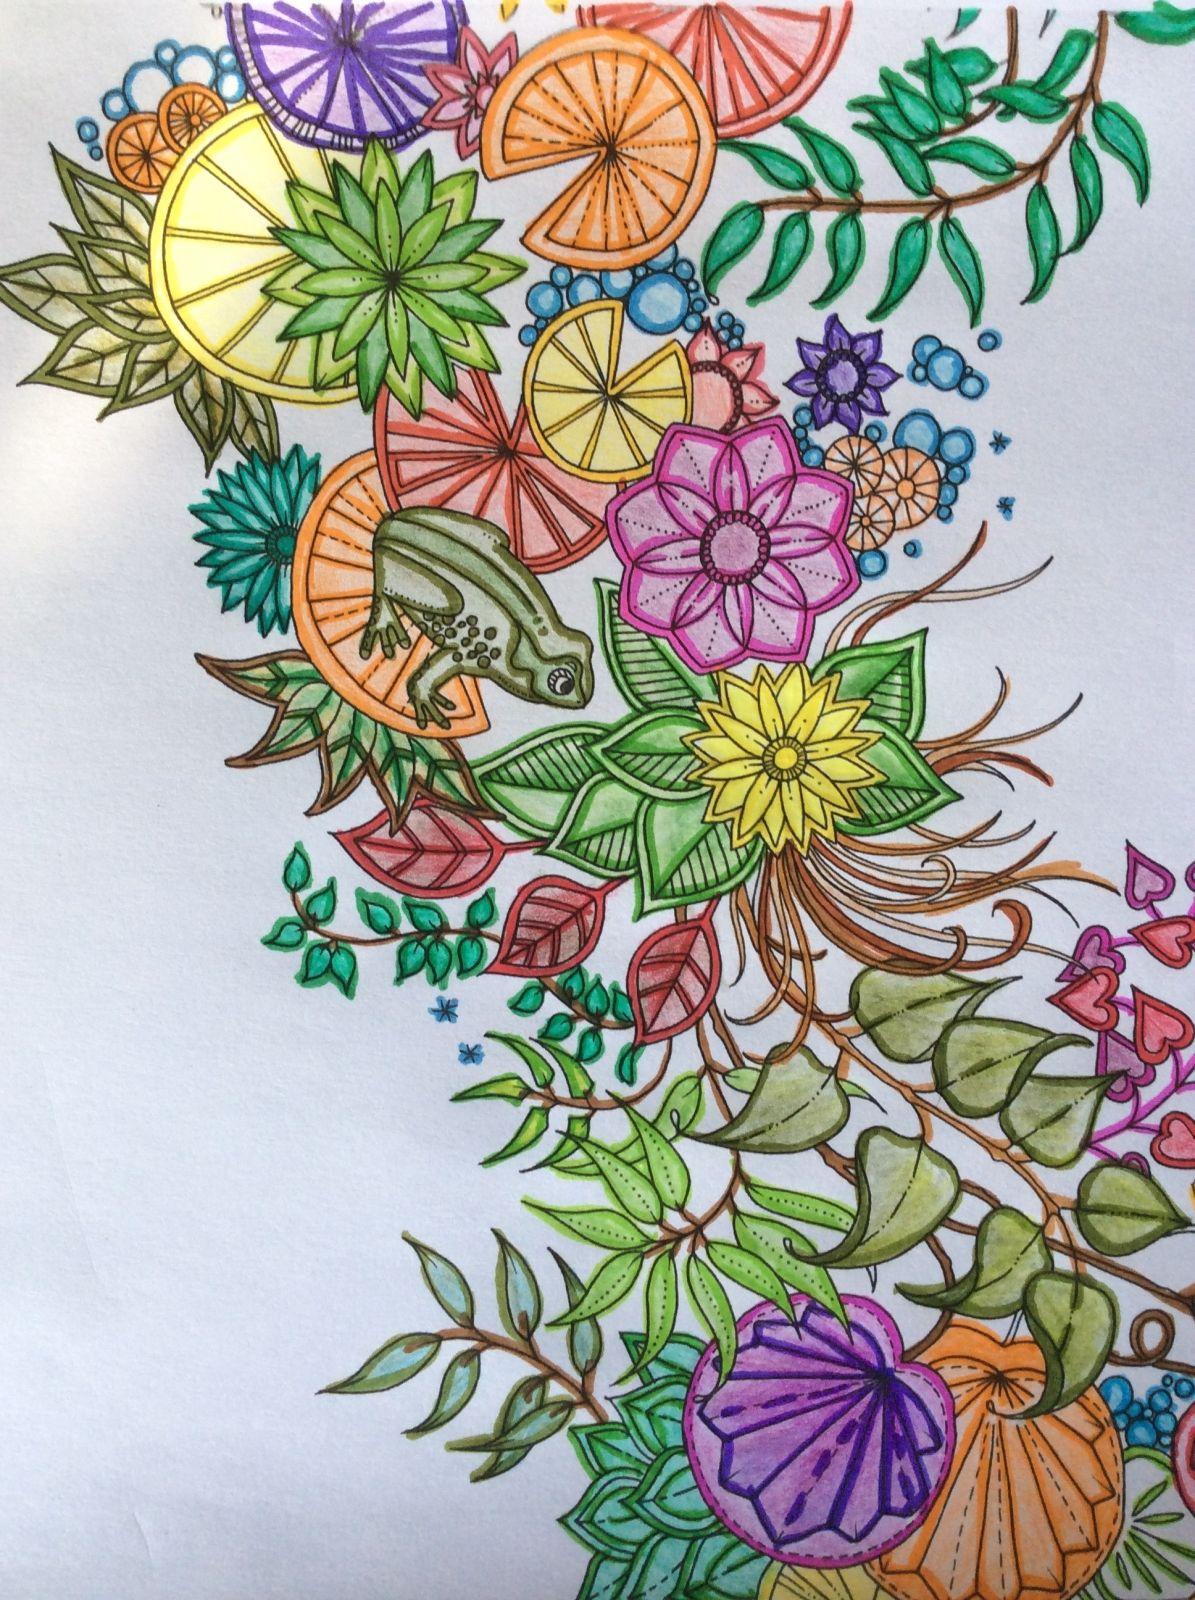 Kleurplaten Voor Volwassenen Mijn Geheime Tuin.Kleurboek Voor Volwassenen Mijn Geheime Tuin Potlood Met